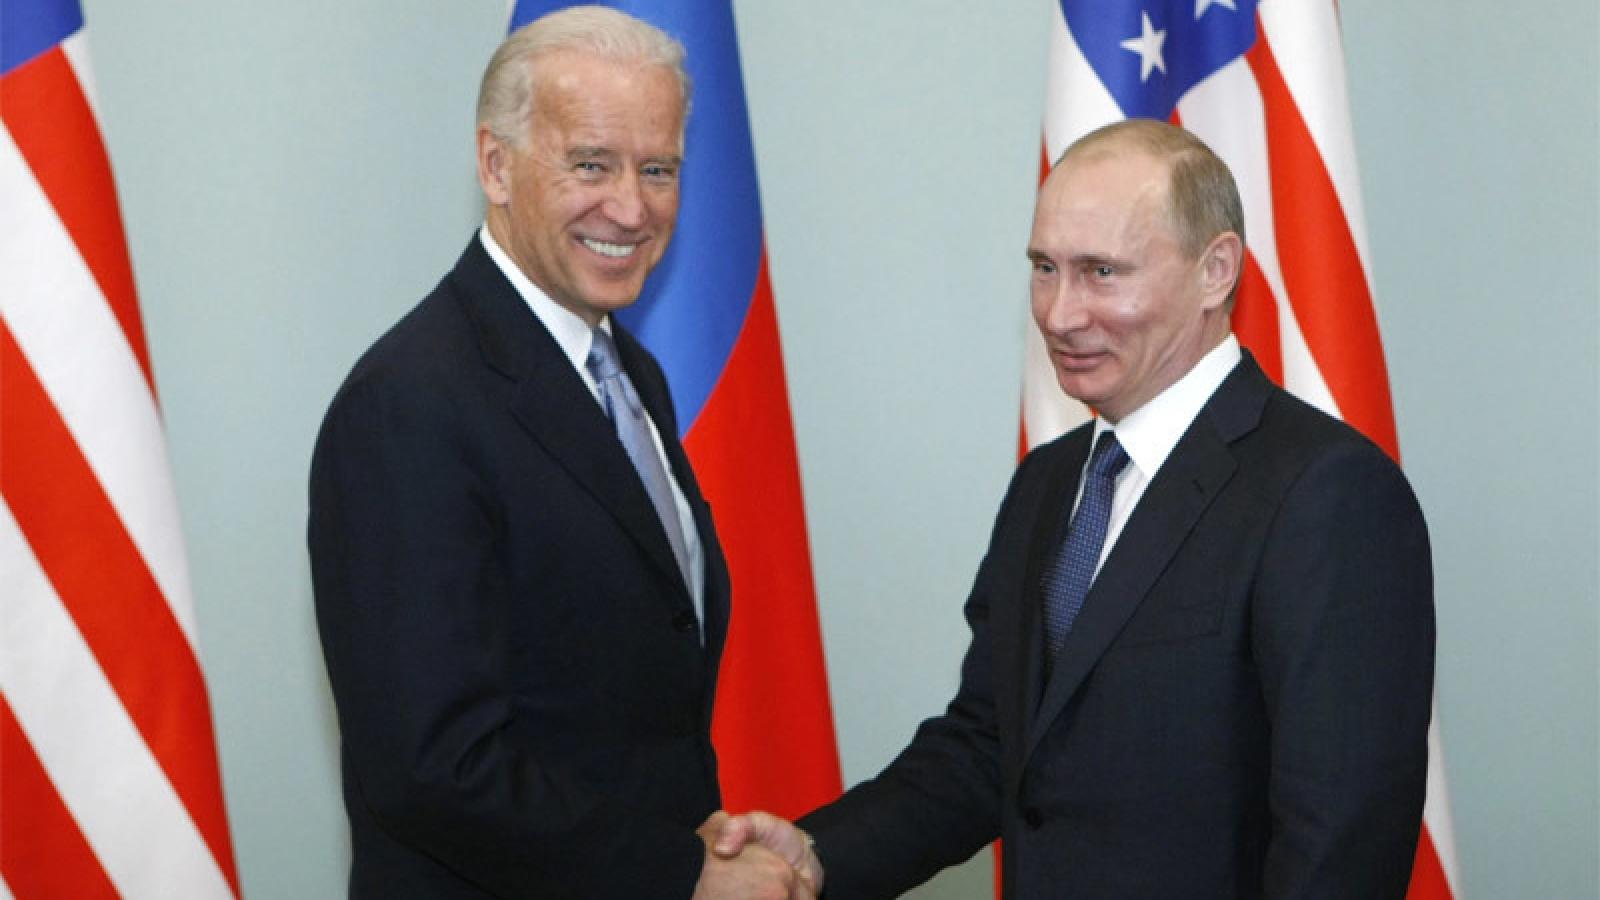 Biden sẽ thể hiện khác Trump trong cuộc gặp thượng đỉnh với Putin?